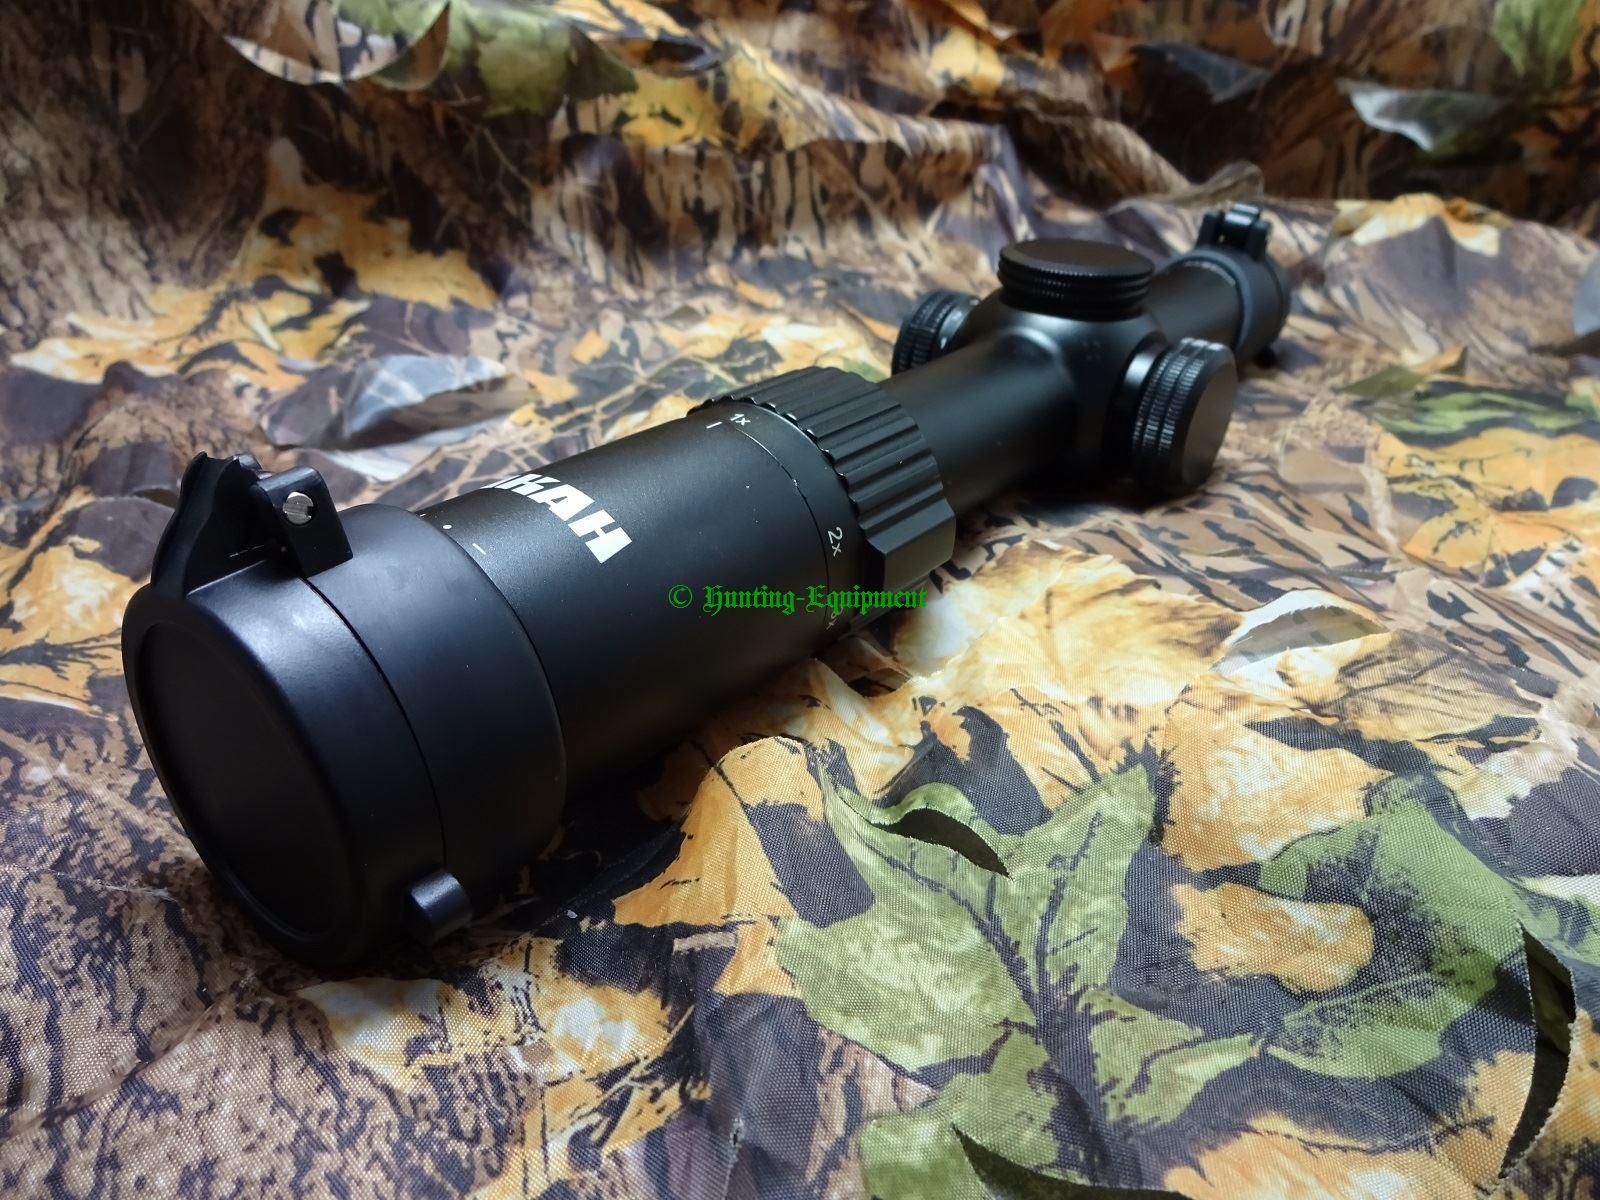 Zielfernrohr Mit Entfernungsmesser Reinigen : Hunting equipment jagdausrüstung und zubehör akah zielfernrohr 1